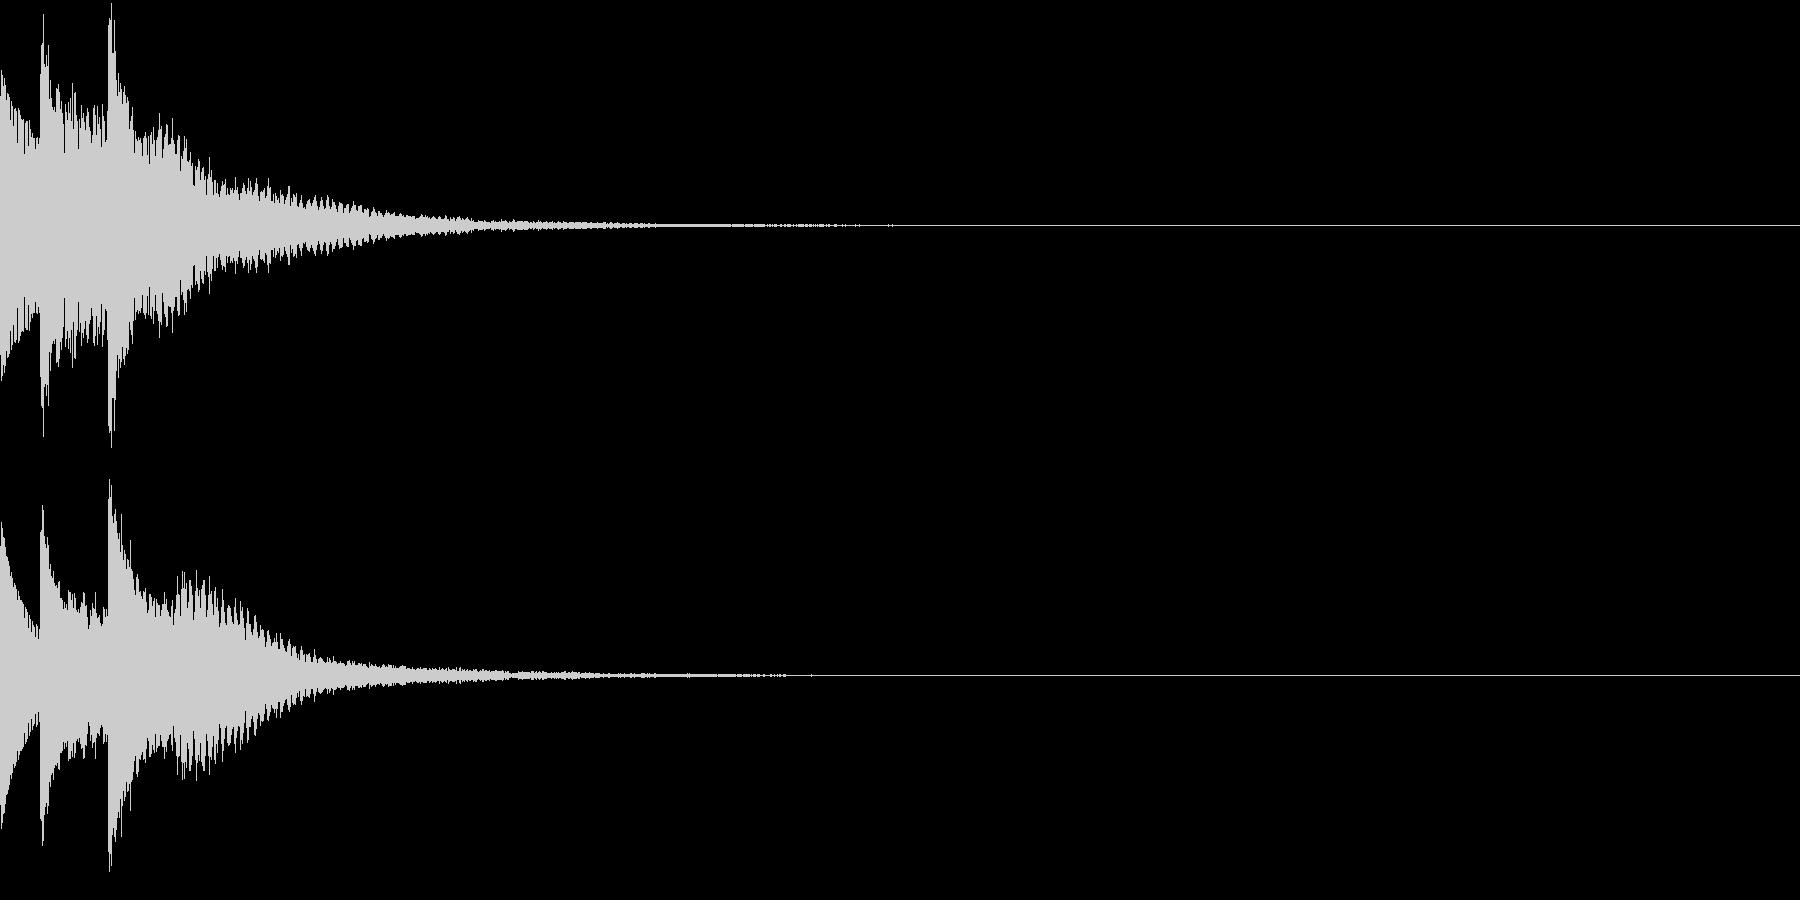 クリック 表示音 キラリン ピロリンの未再生の波形